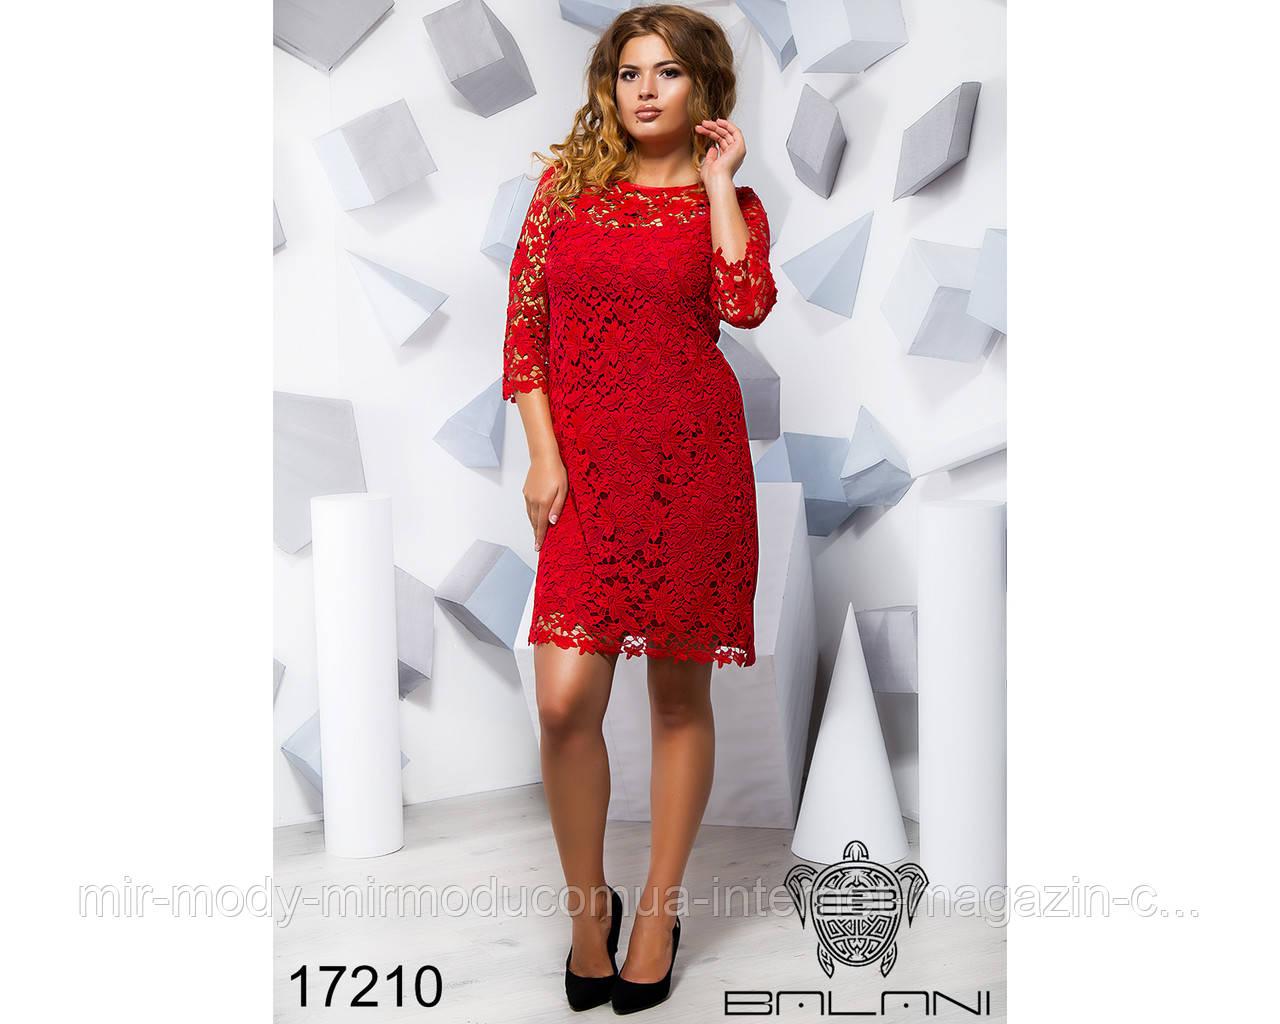 Стильное гипюровое платье -17210(б-ни)